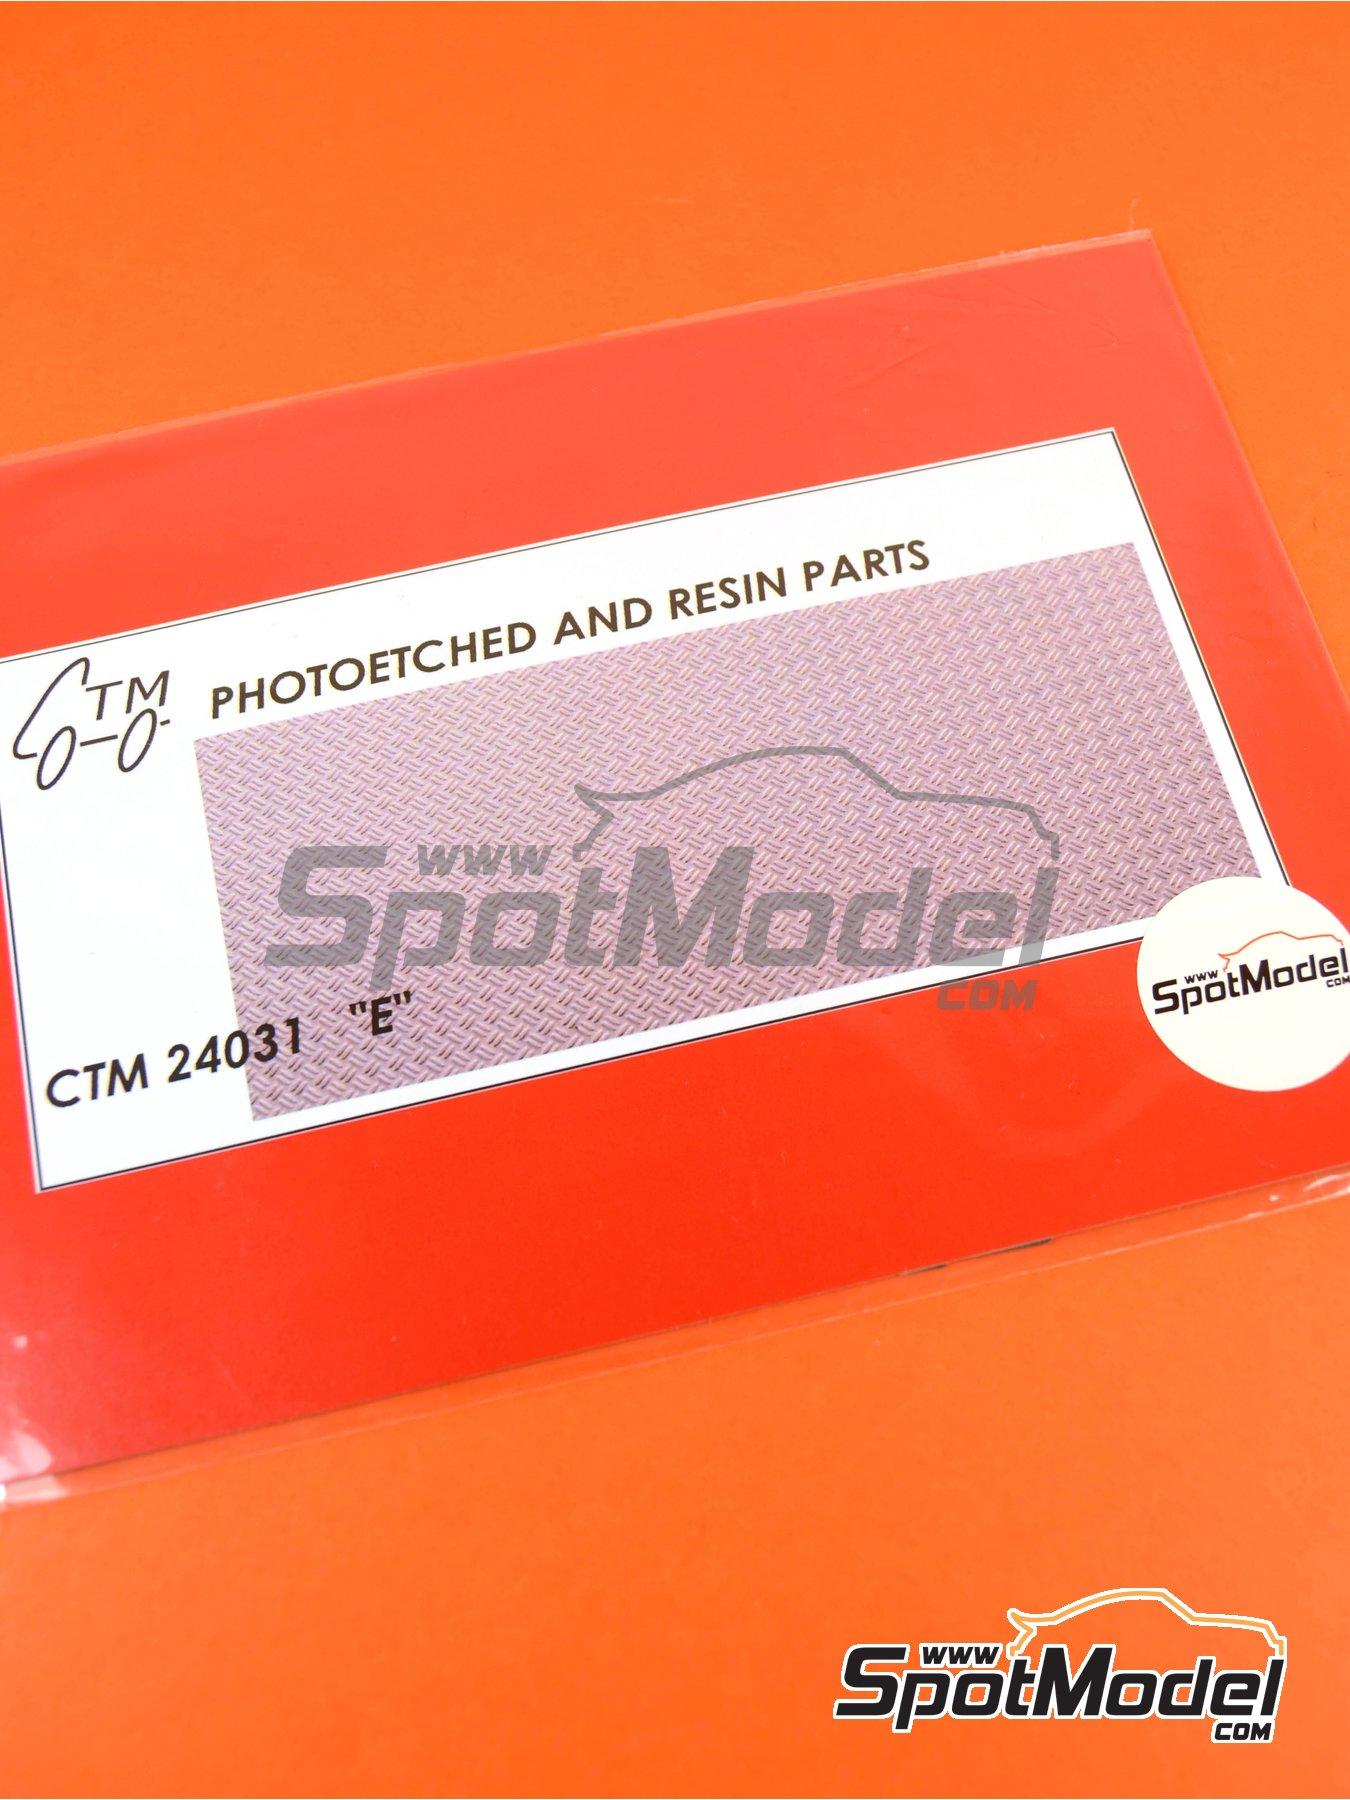 Chapa anti deslizante   Chapa texturizada en escala1/24 fabricado por Czech Truck Model (ref.CTM24031) image